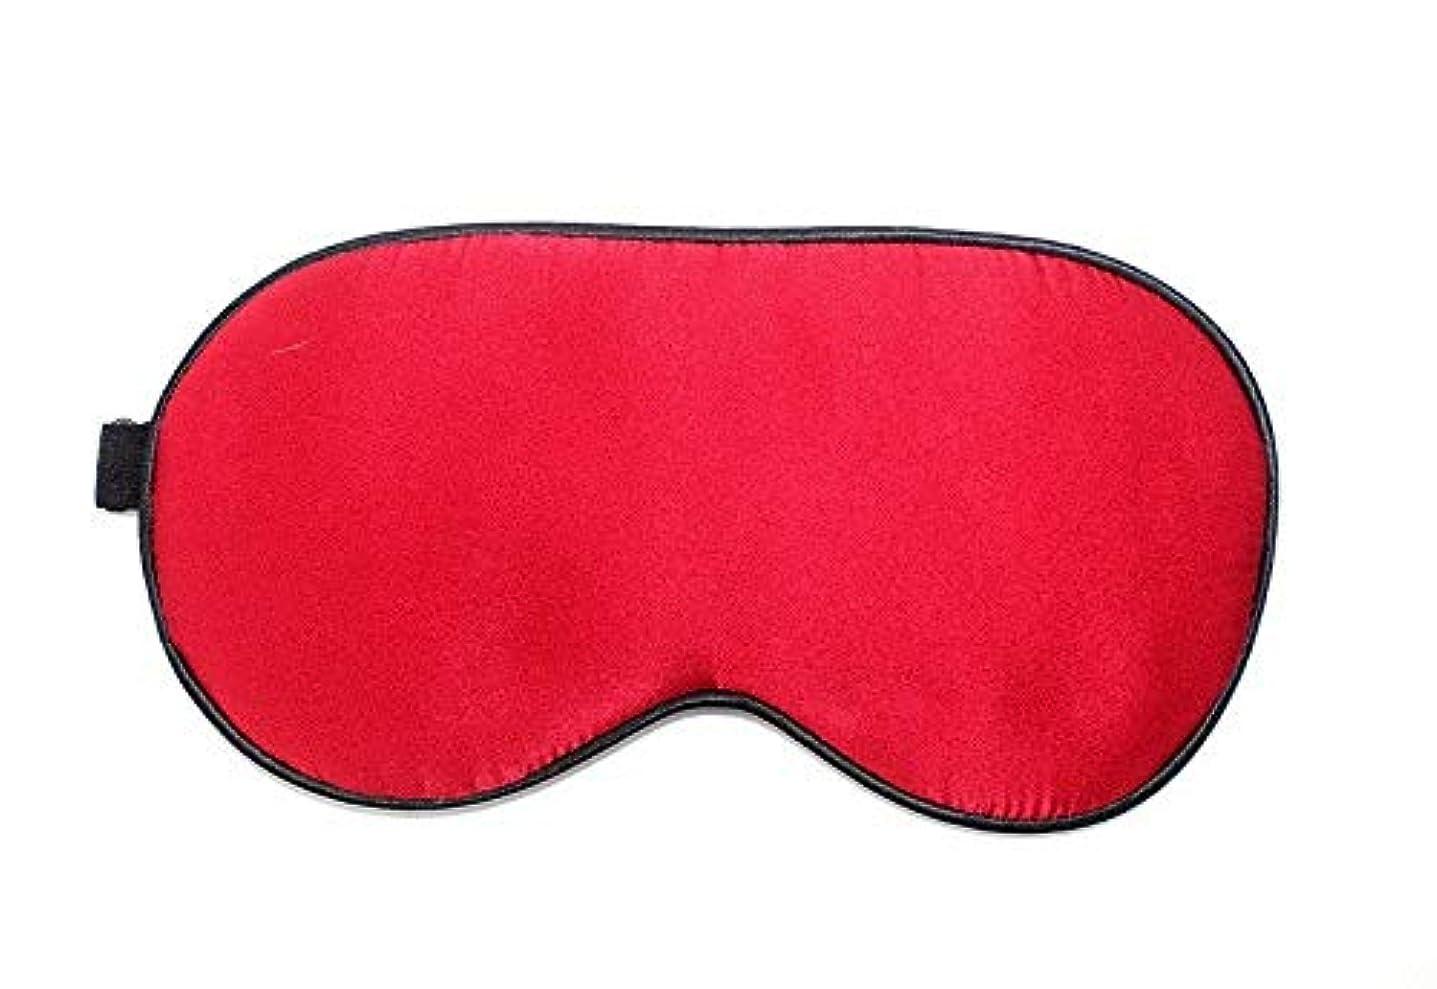 フォーク急いでフルーツ野菜NOTE 睡眠マスクアイパッチ睡眠マスク高級シルクアイシェードファッションソフトポータブル旅行リラックス睡眠補助MP0188